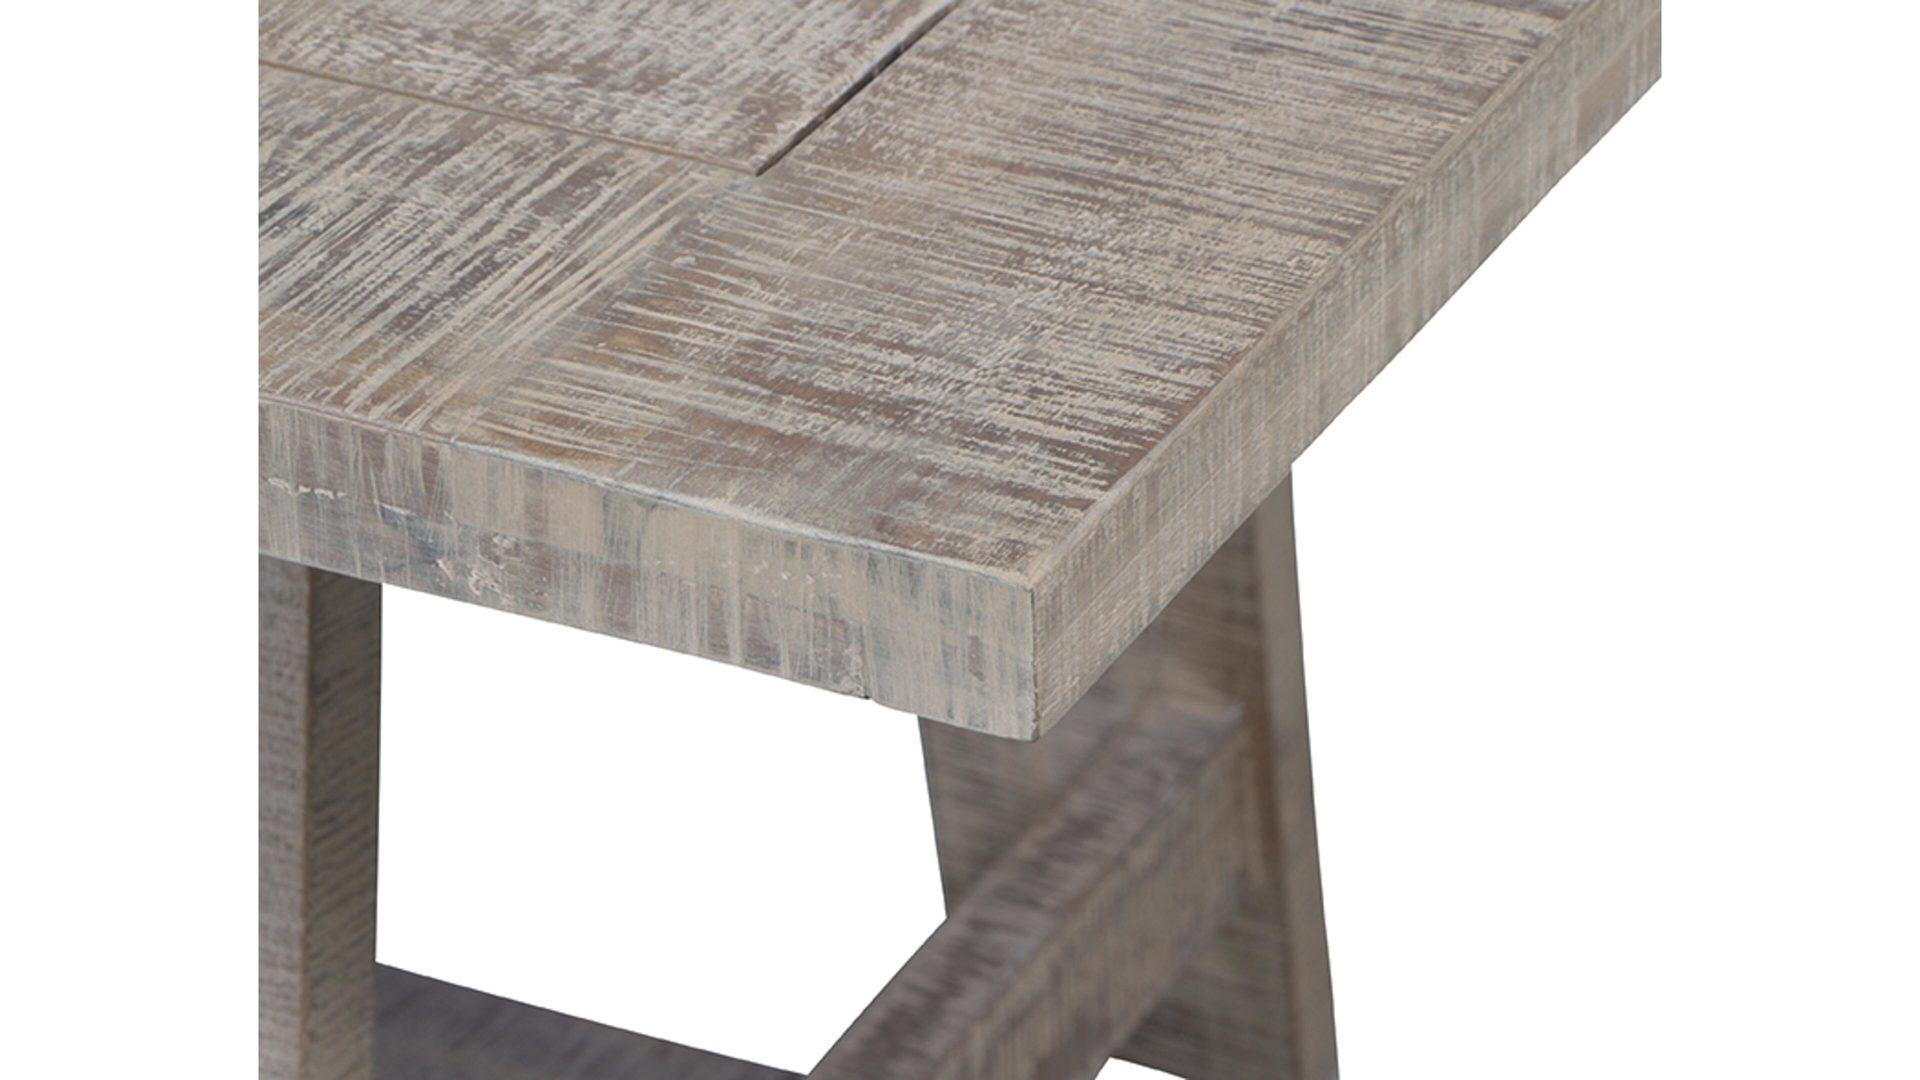 Gartentisch Holz 220 X 100 Vito Tisch Teak Recycelt Geburstet 220